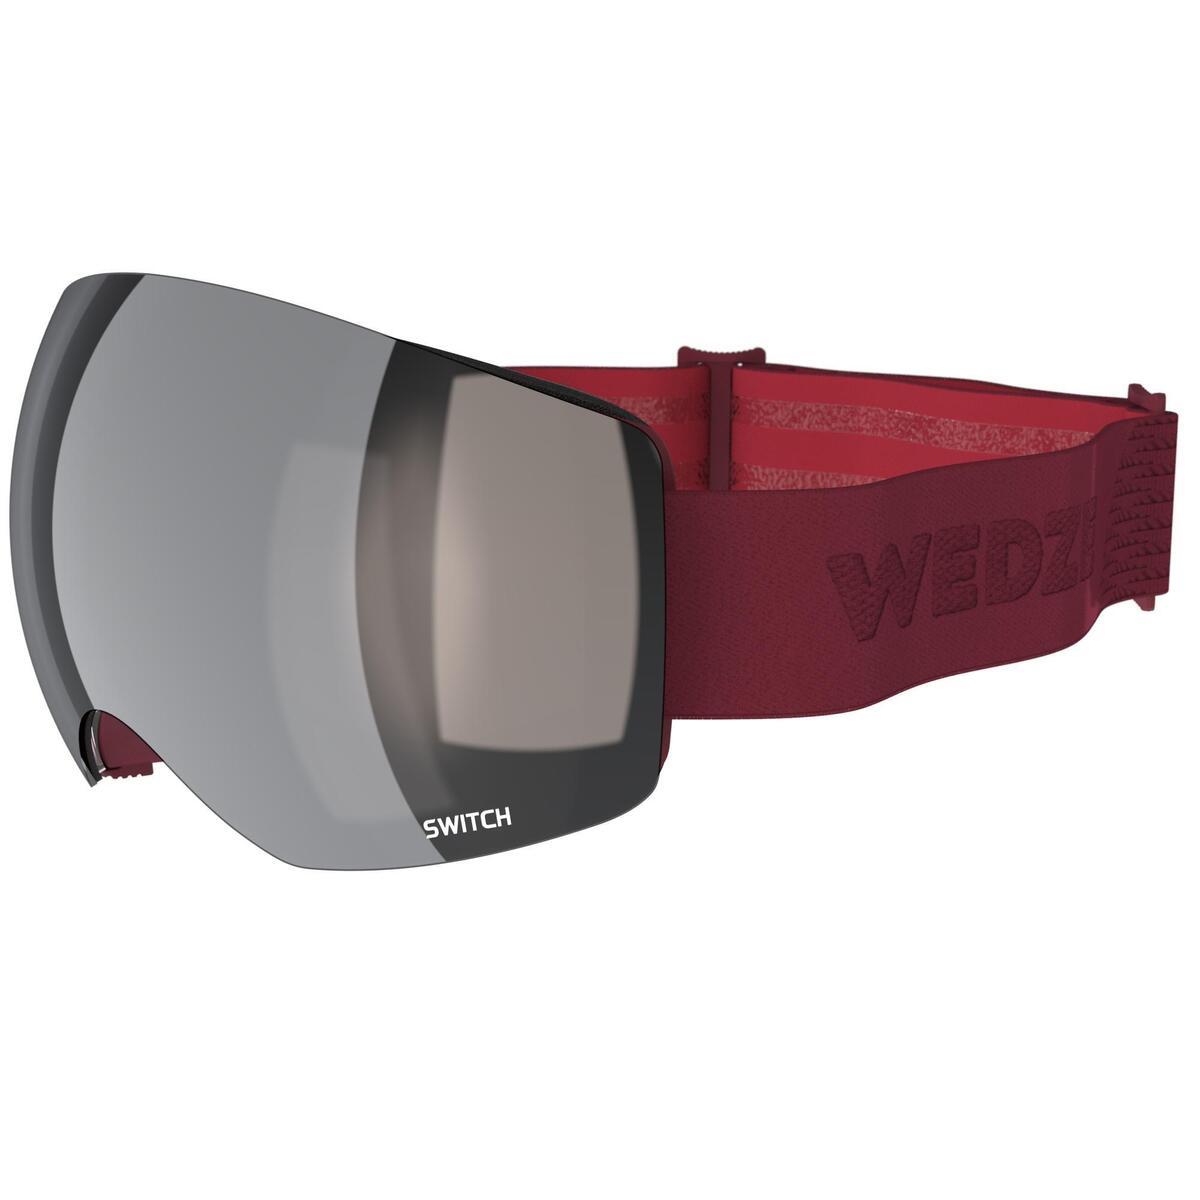 Bild 2 von Skibrille / Snowboardbrille G 520 I Erwachsene/Kinder rot